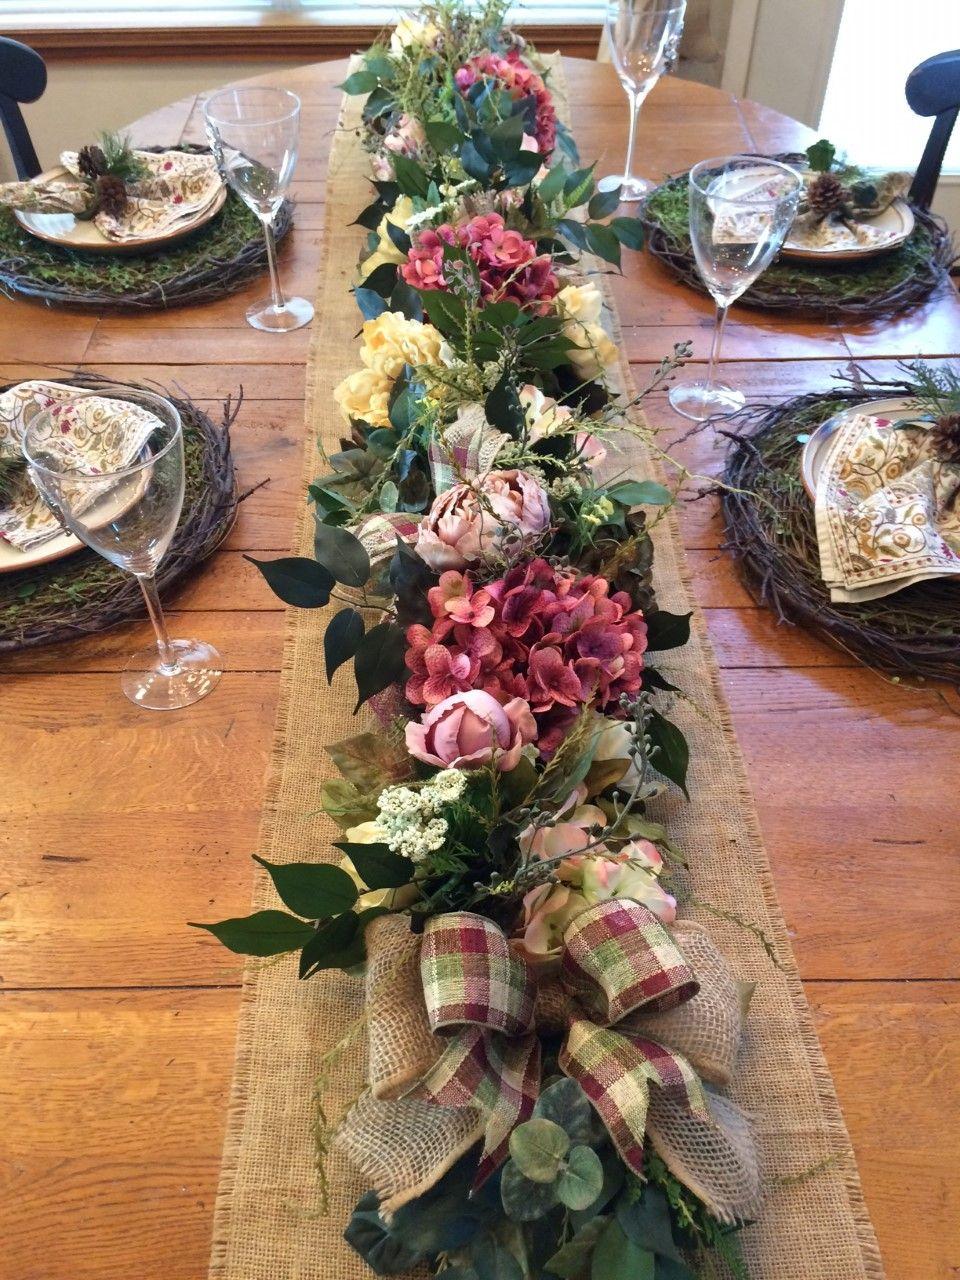 75 Luxury Spring Summer Floral Garland Centerpiece At Outdoorzintrendz On Etsy Floral Garland Holiday Wreaths Flower Arrangements